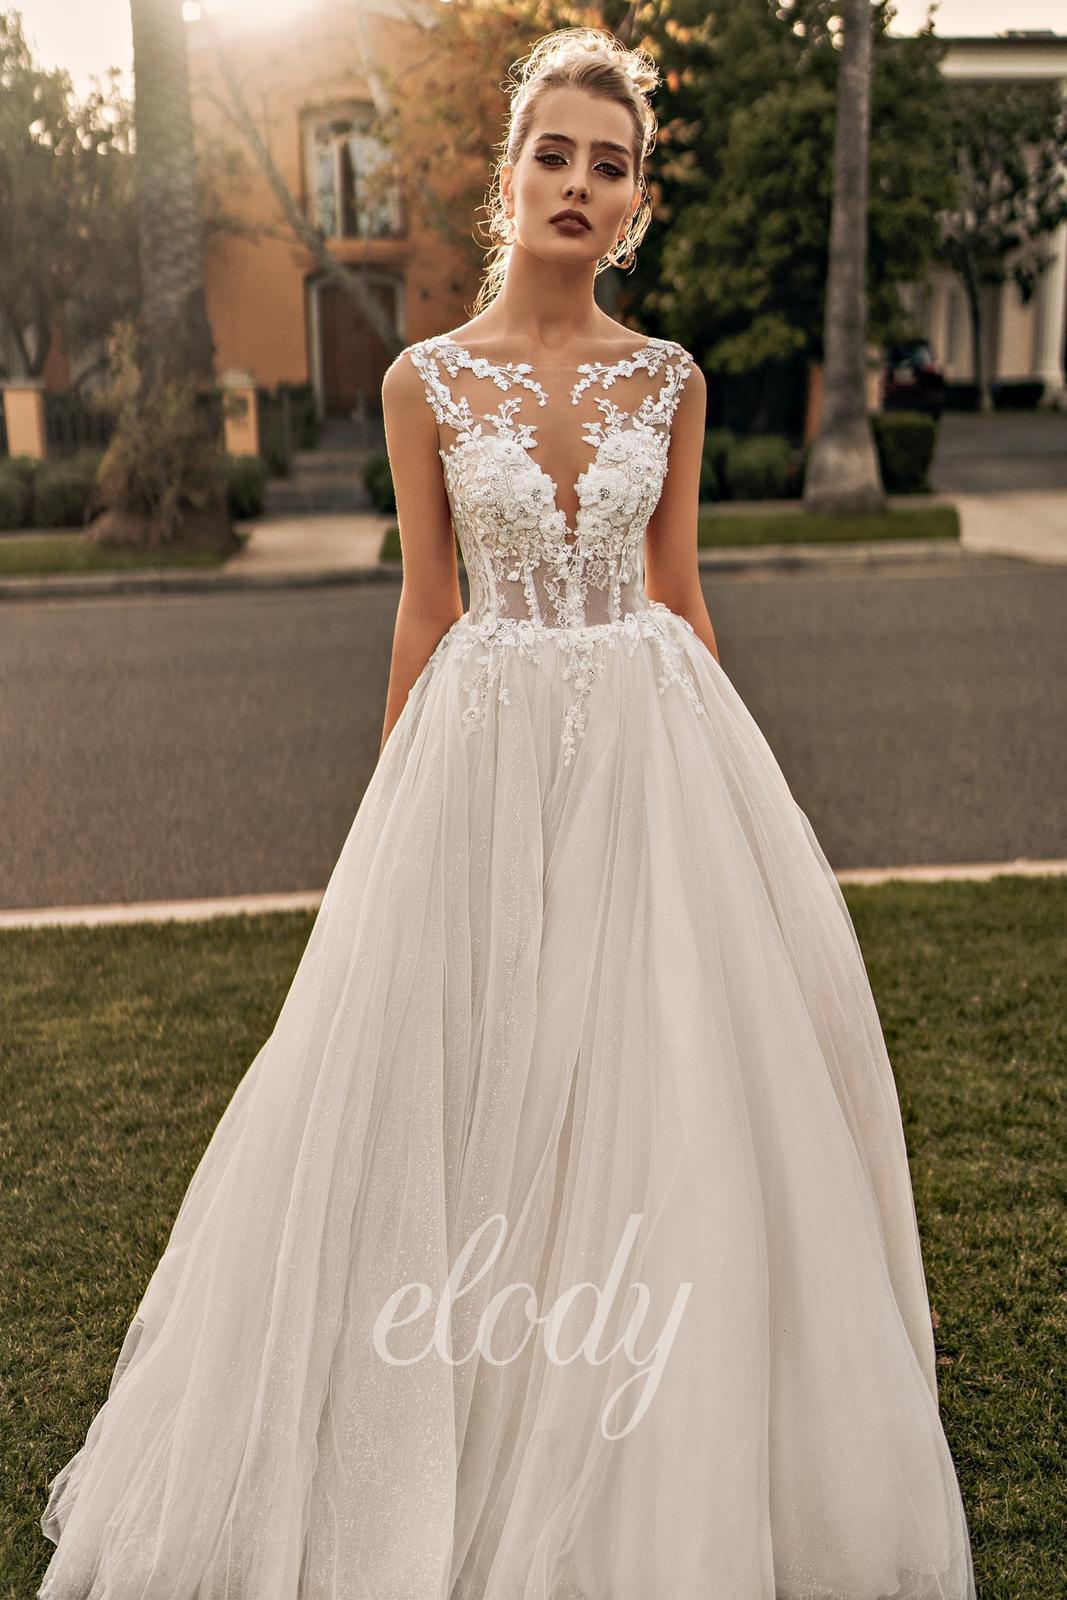 Svatební šaty Elody model 105 Linda vel. 32-34 - Obrázek č. 1